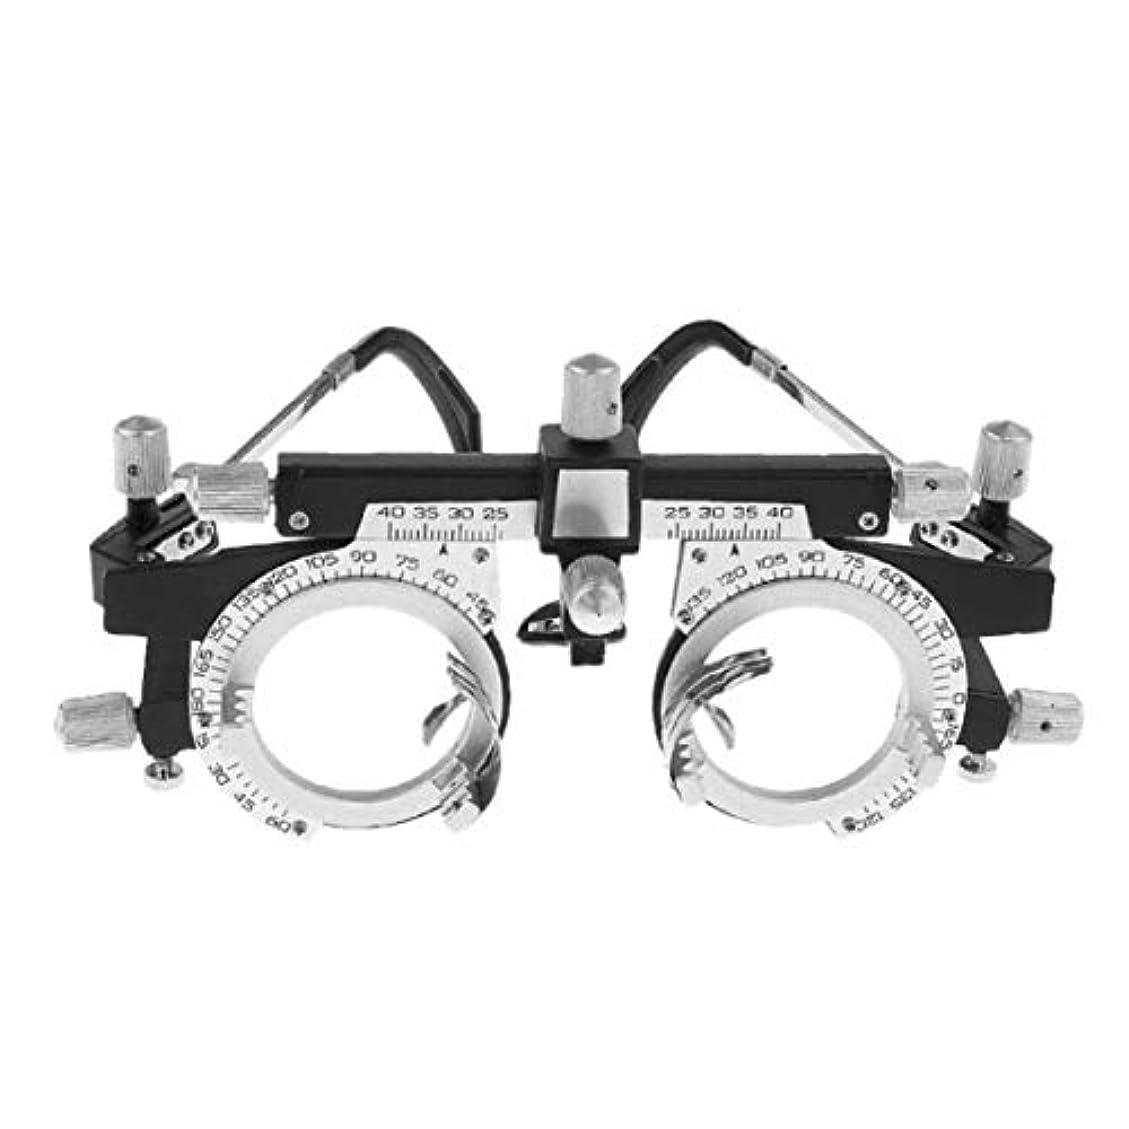 望ましい強制的の頭の上調整可能なプロフェッショナルアイウェア検眼メタルフレームオプティカルオプティクストライアルレンズメタルフレームPDメガネアクセサリー